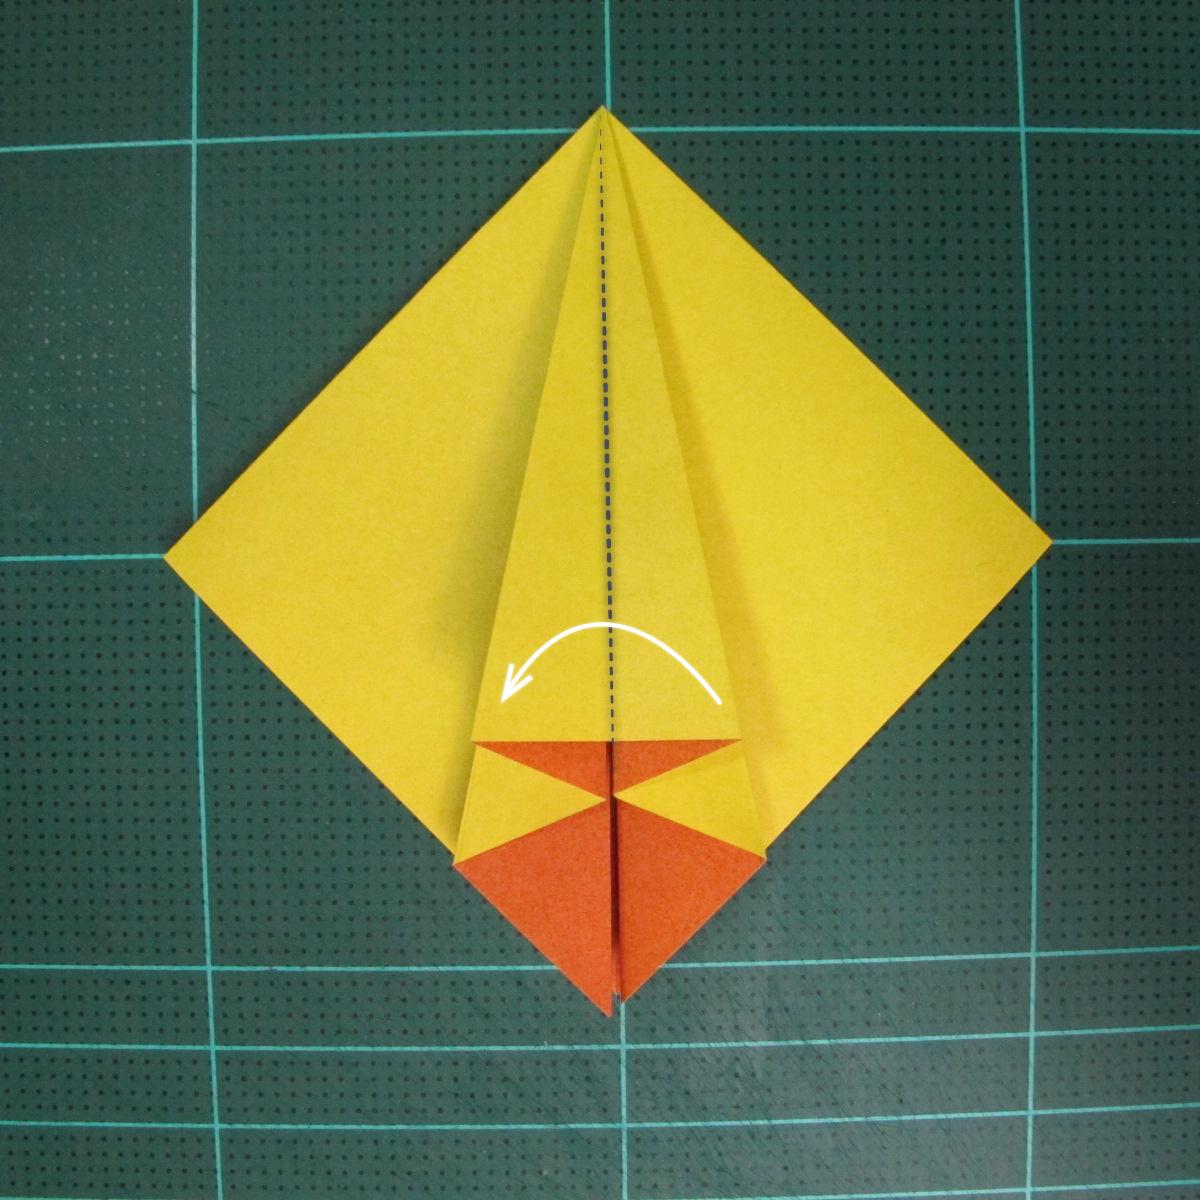 วิธีพับกระดาษเป็นรูปนกยูง (Origami Peacock - ピーコックの折り紙) 012